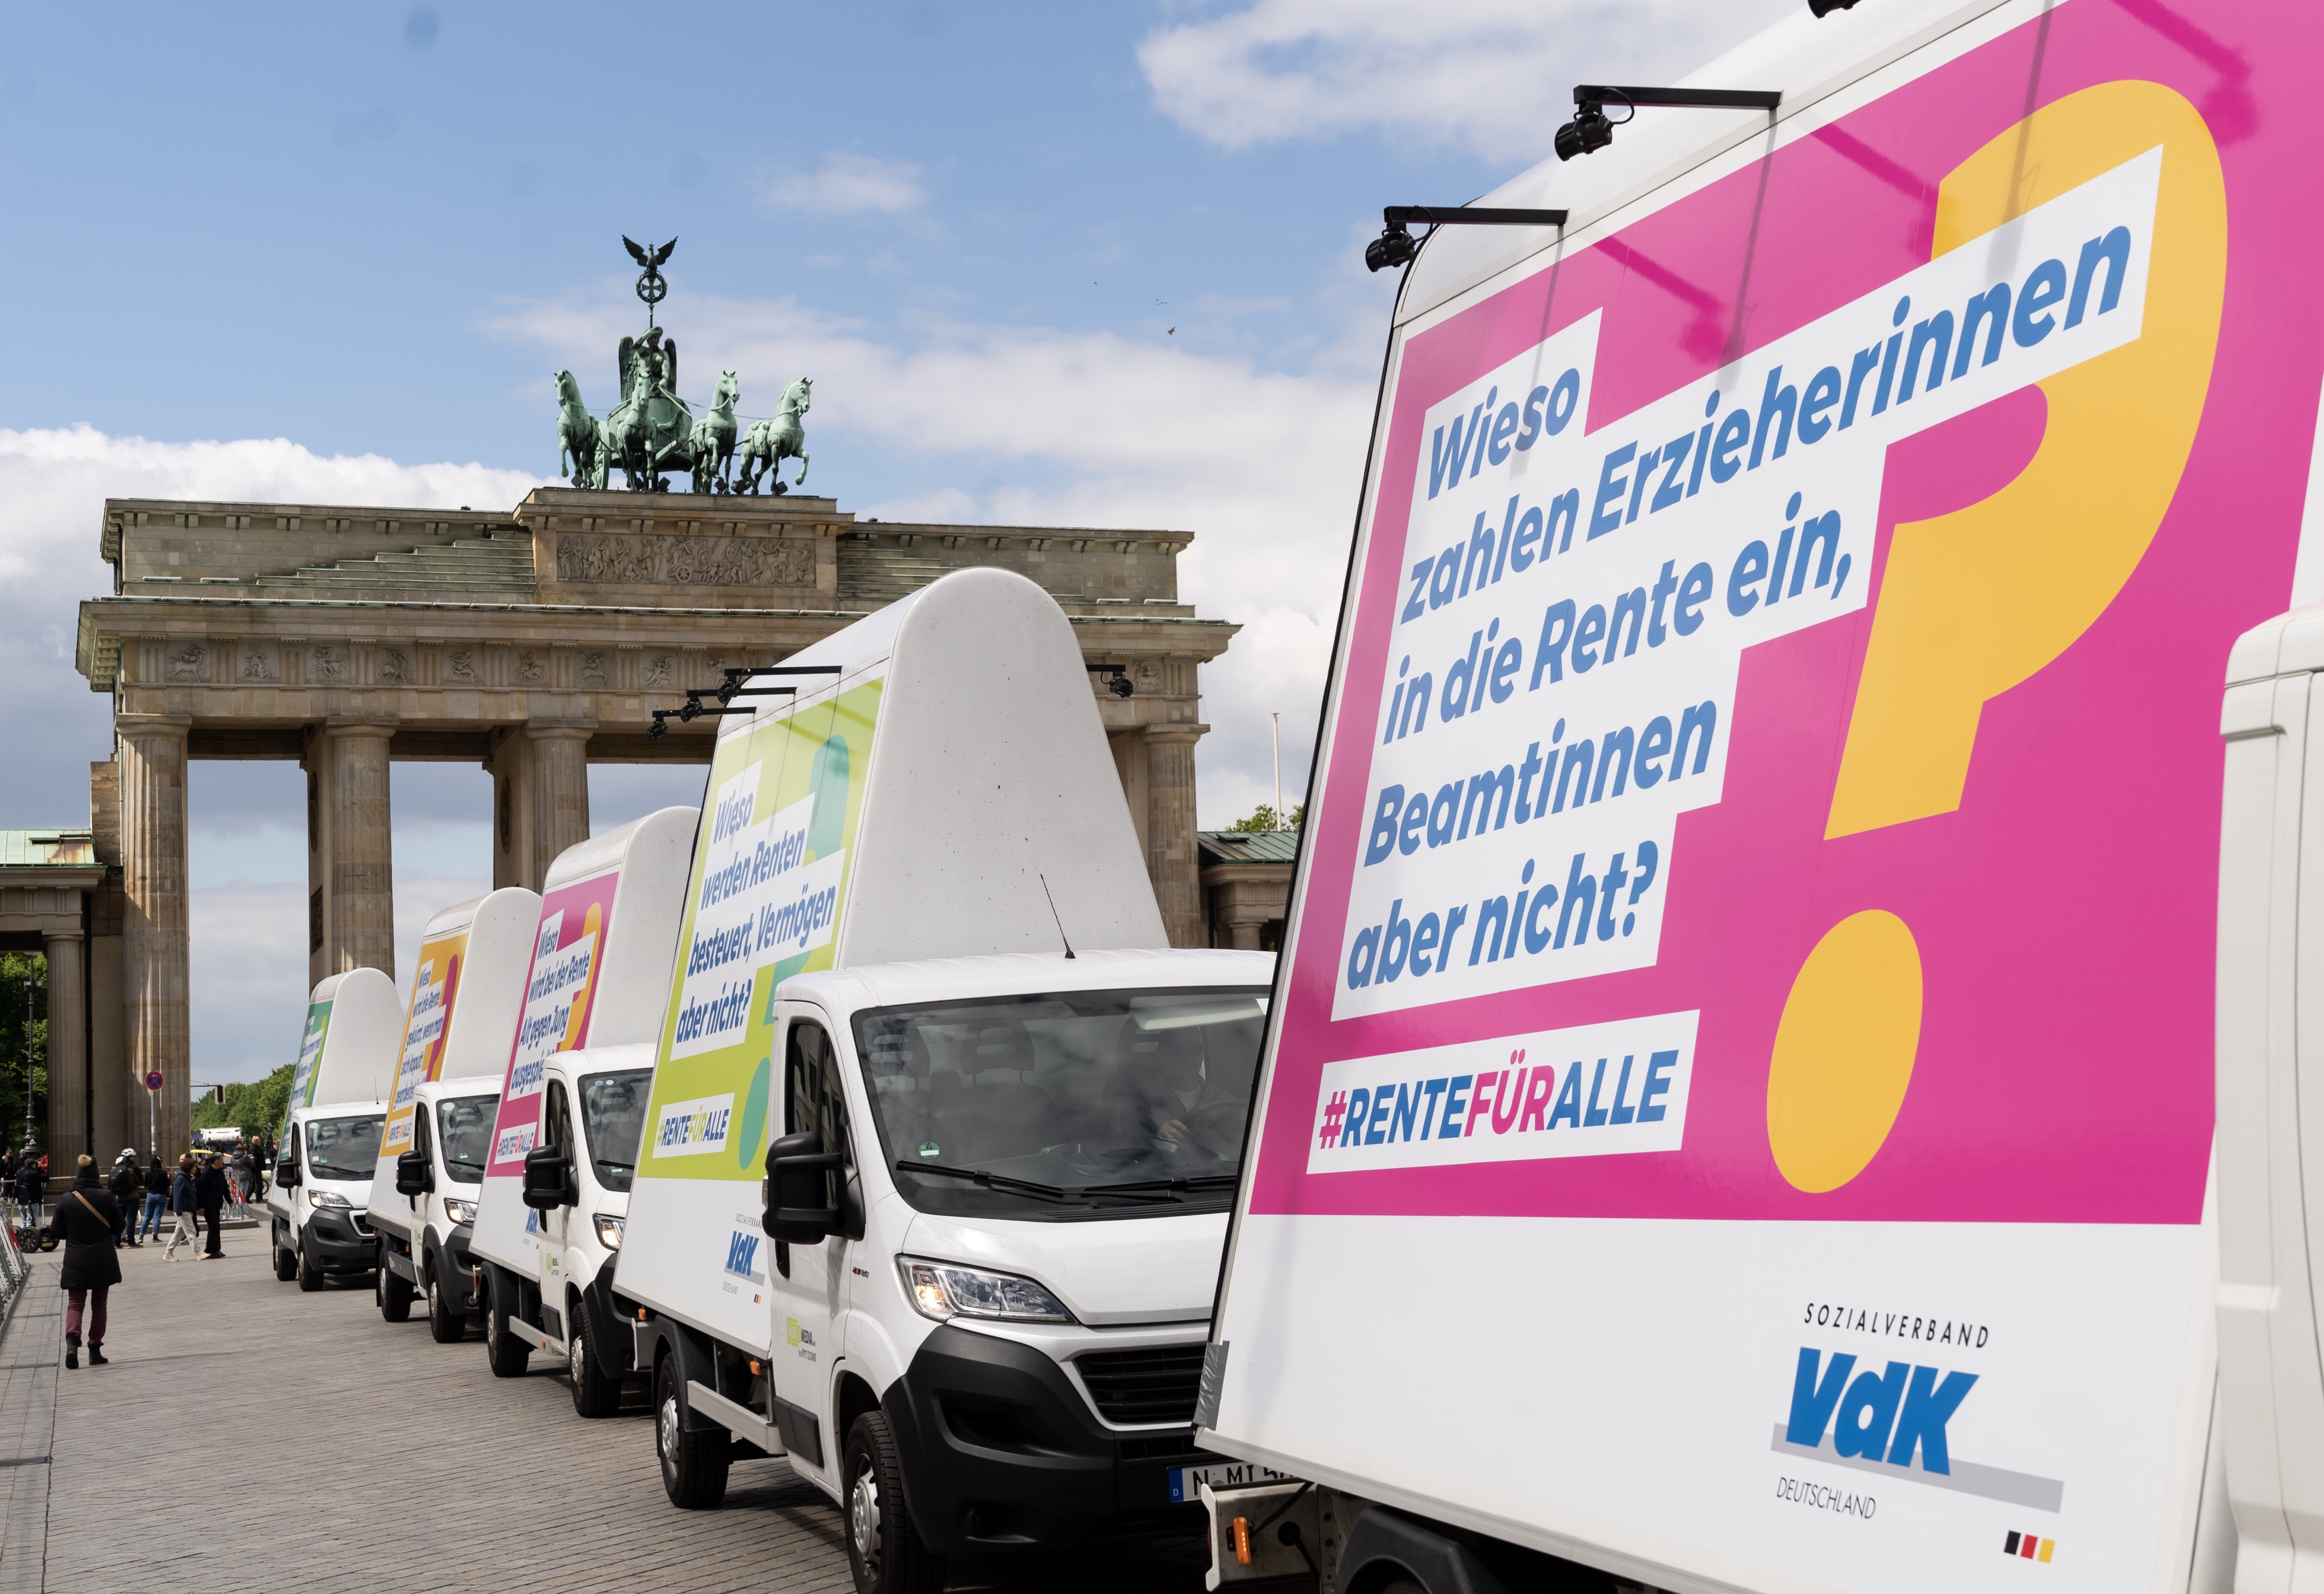 #Rentefüralle: VdK unterstreicht Forderungen mit Kampagne